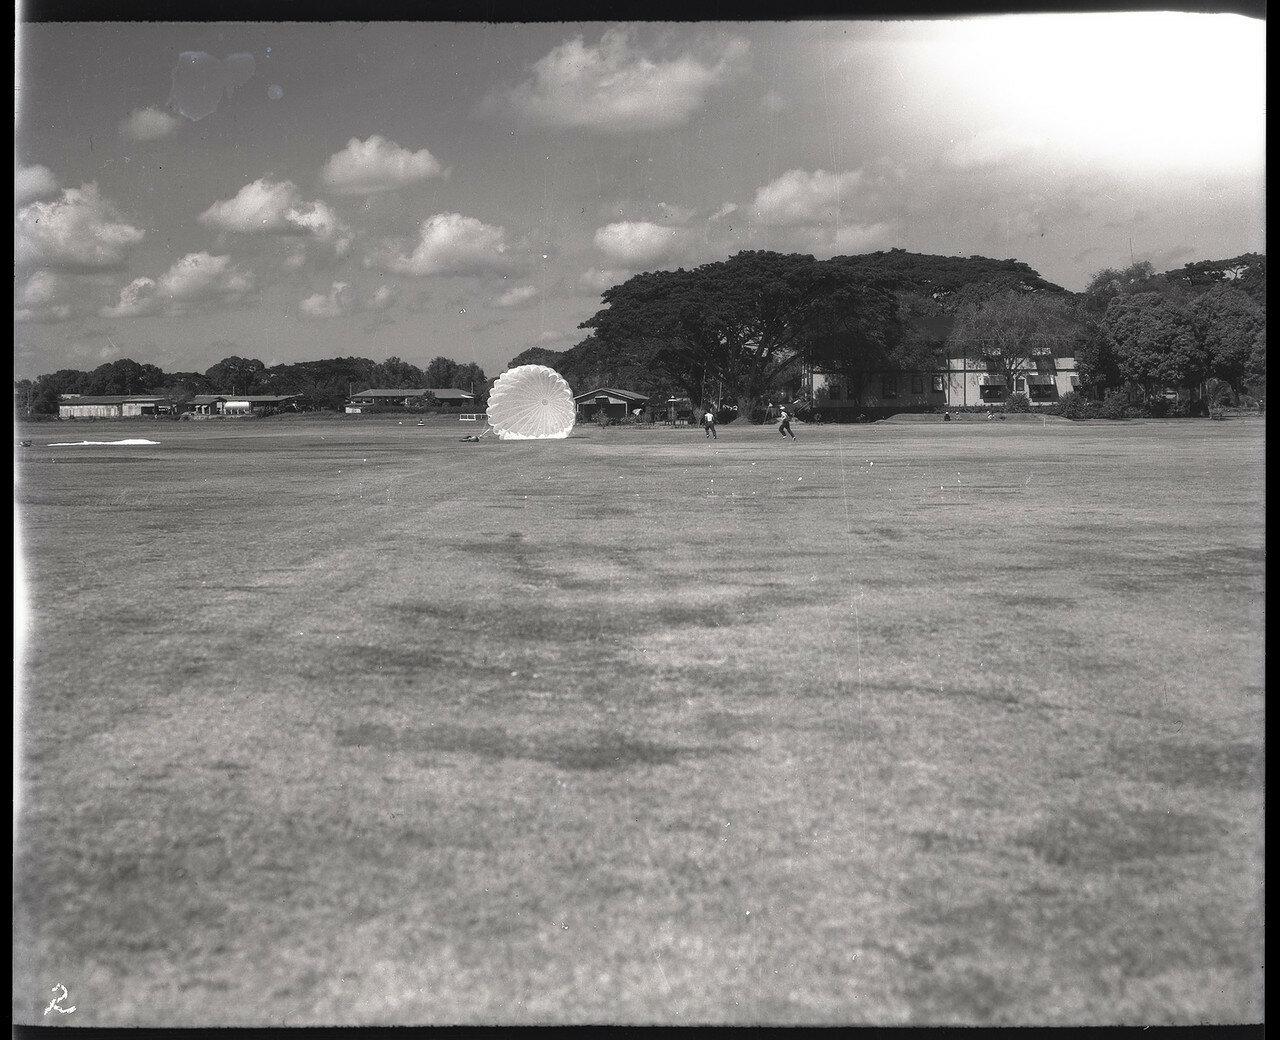 02. Испытание парашютов на филиппинском аэродроме Николс Филд